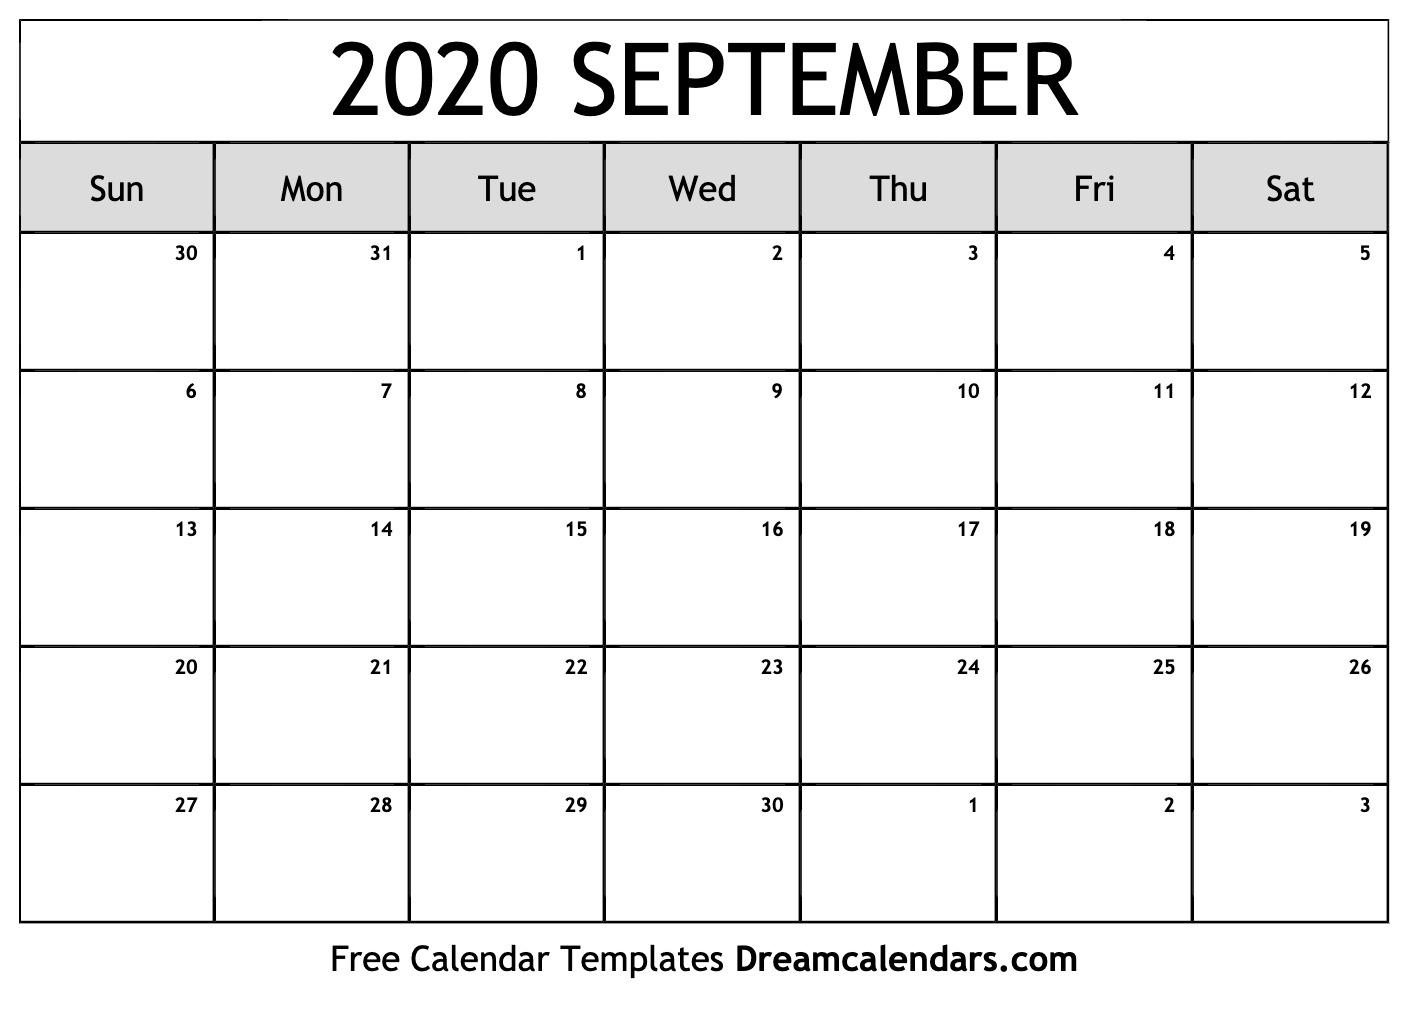 Free September 2020 Printable Calendar | Dream Calendars